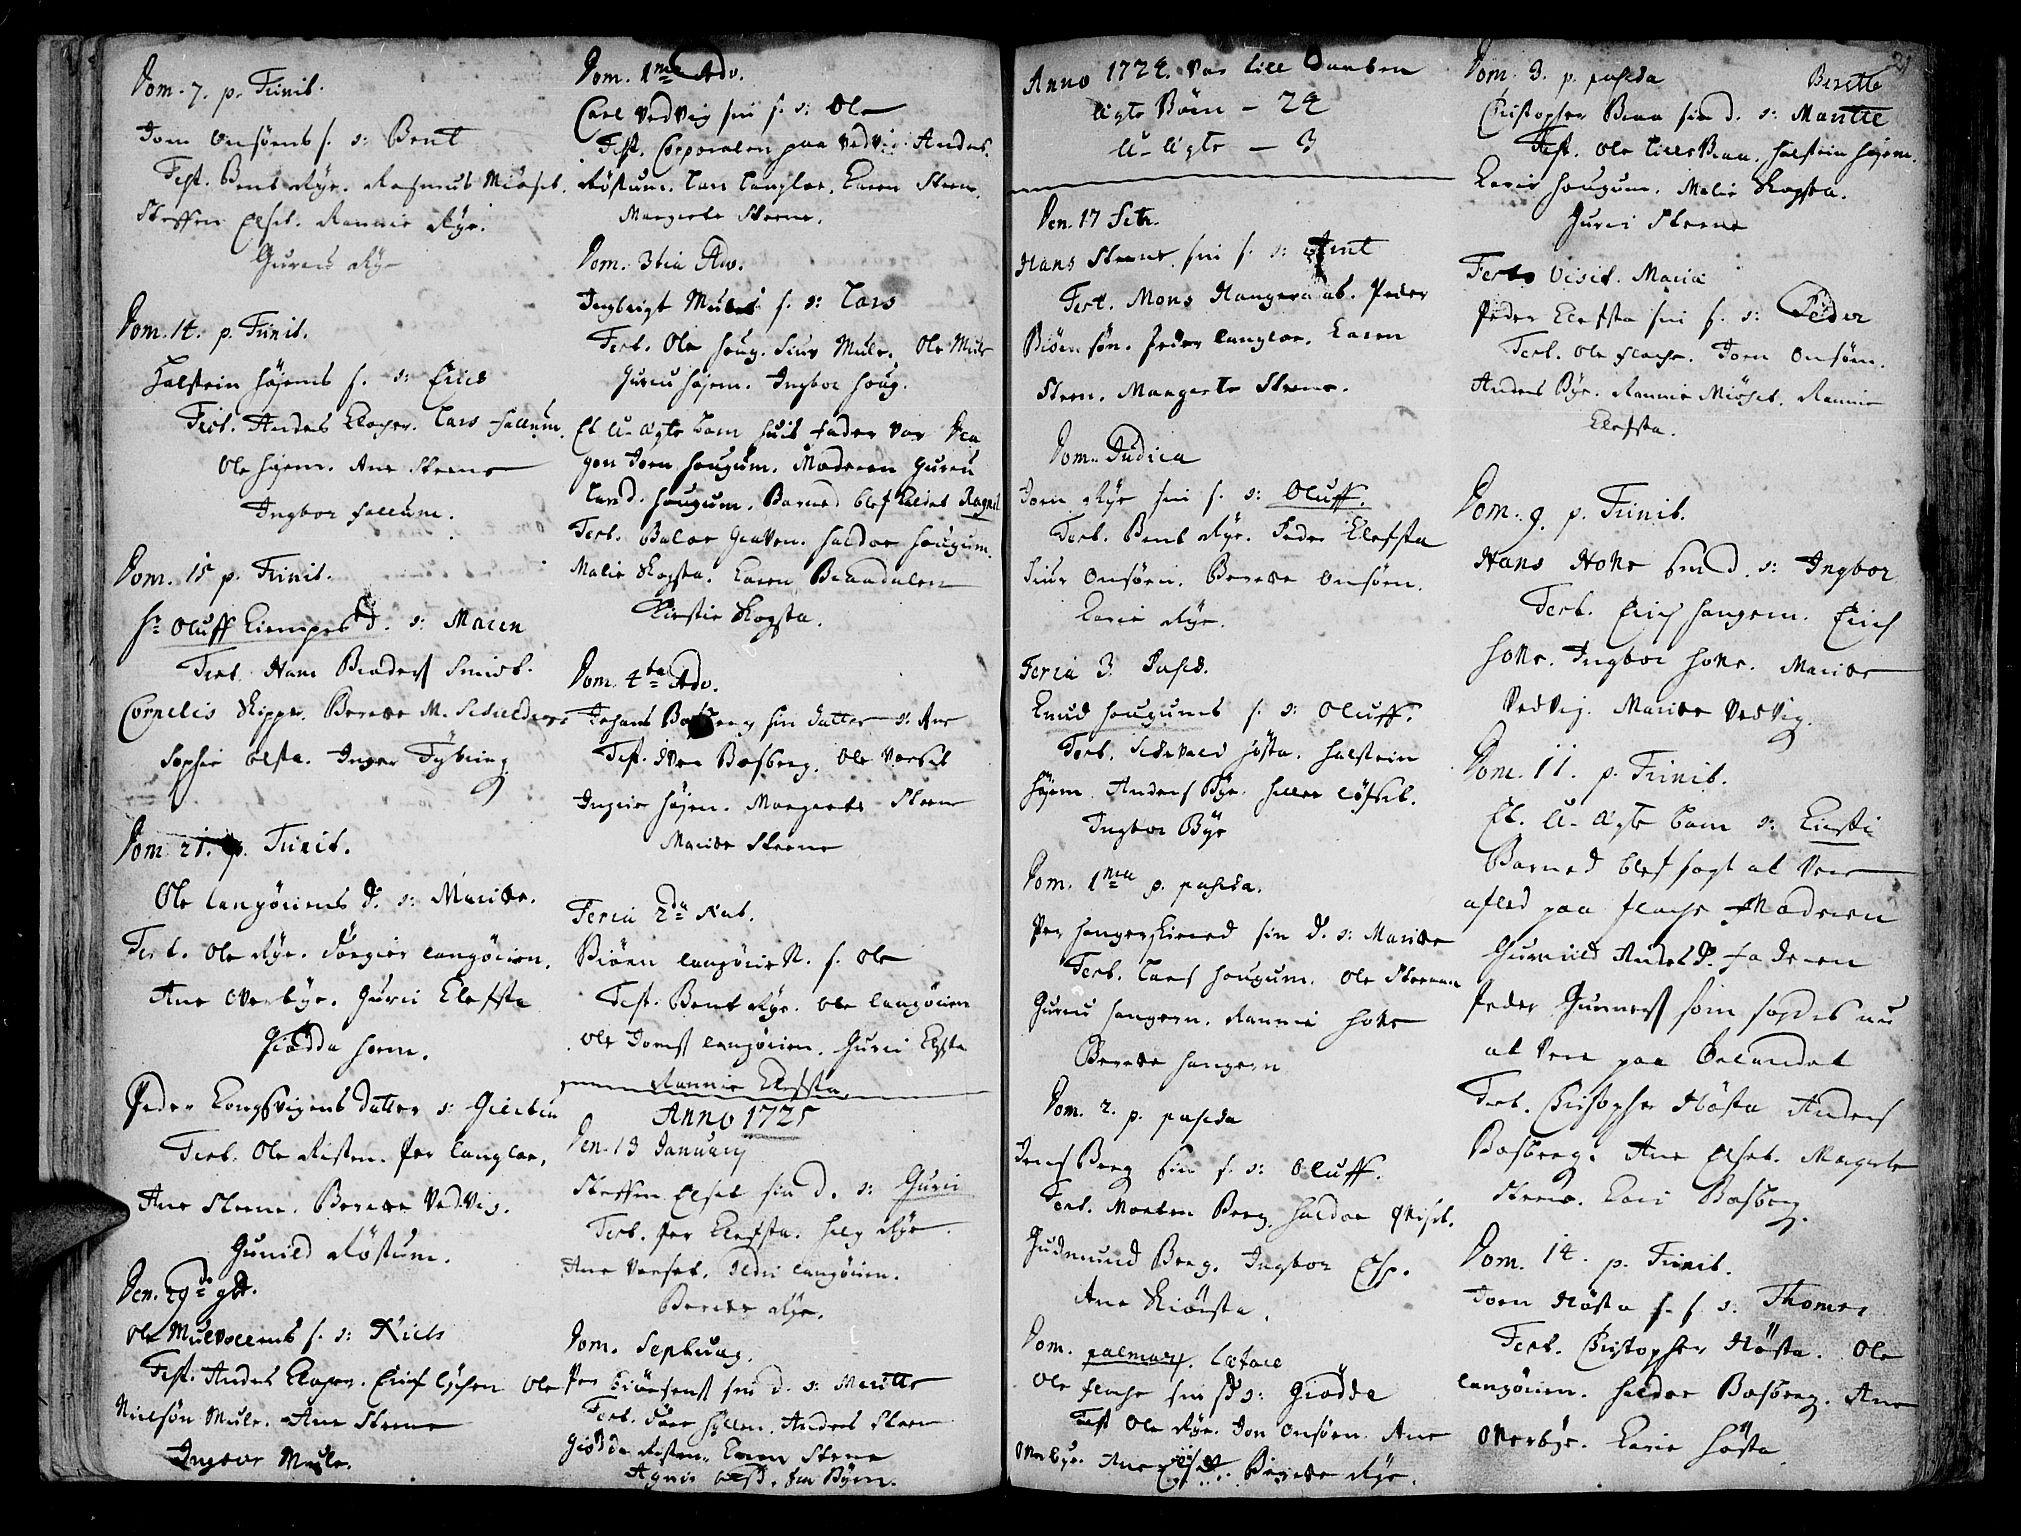 SAT, Ministerialprotokoller, klokkerbøker og fødselsregistre - Sør-Trøndelag, 612/L0368: Ministerialbok nr. 612A02, 1702-1753, s. 21